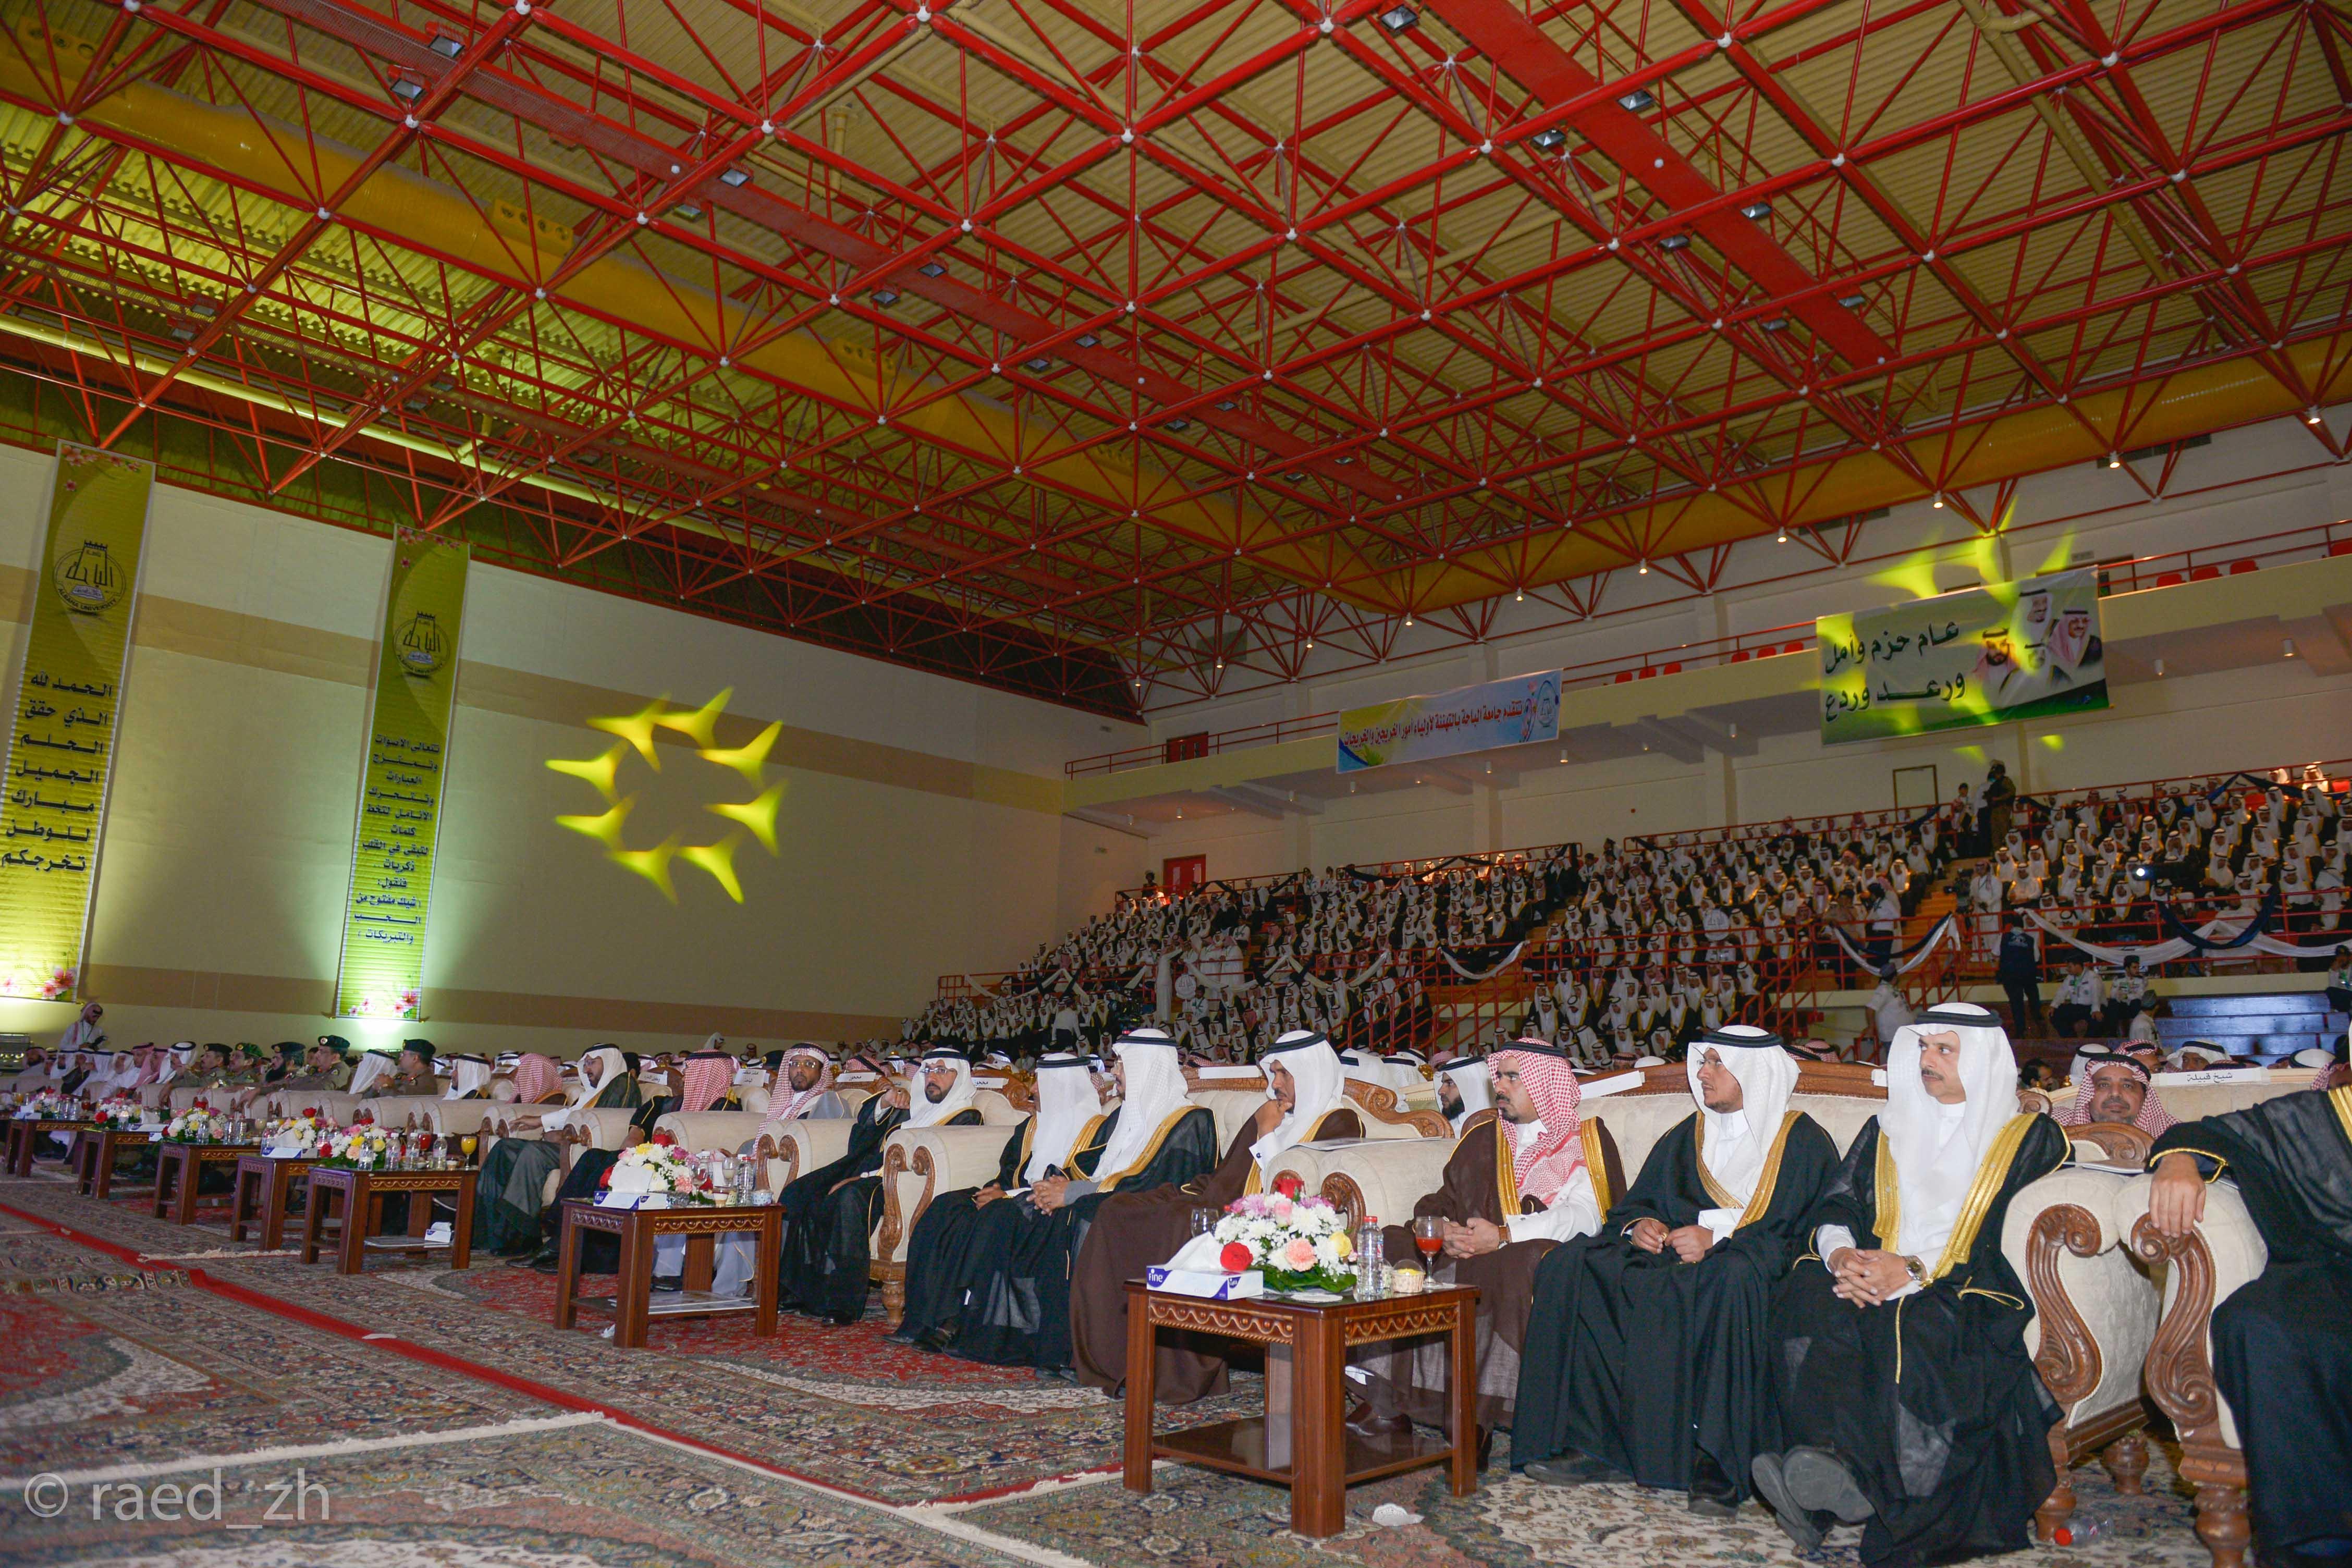 امير الباحة يرعى تخريج الدفعة العاشرة من طلاب وطالبات جامعة الباحة (19)